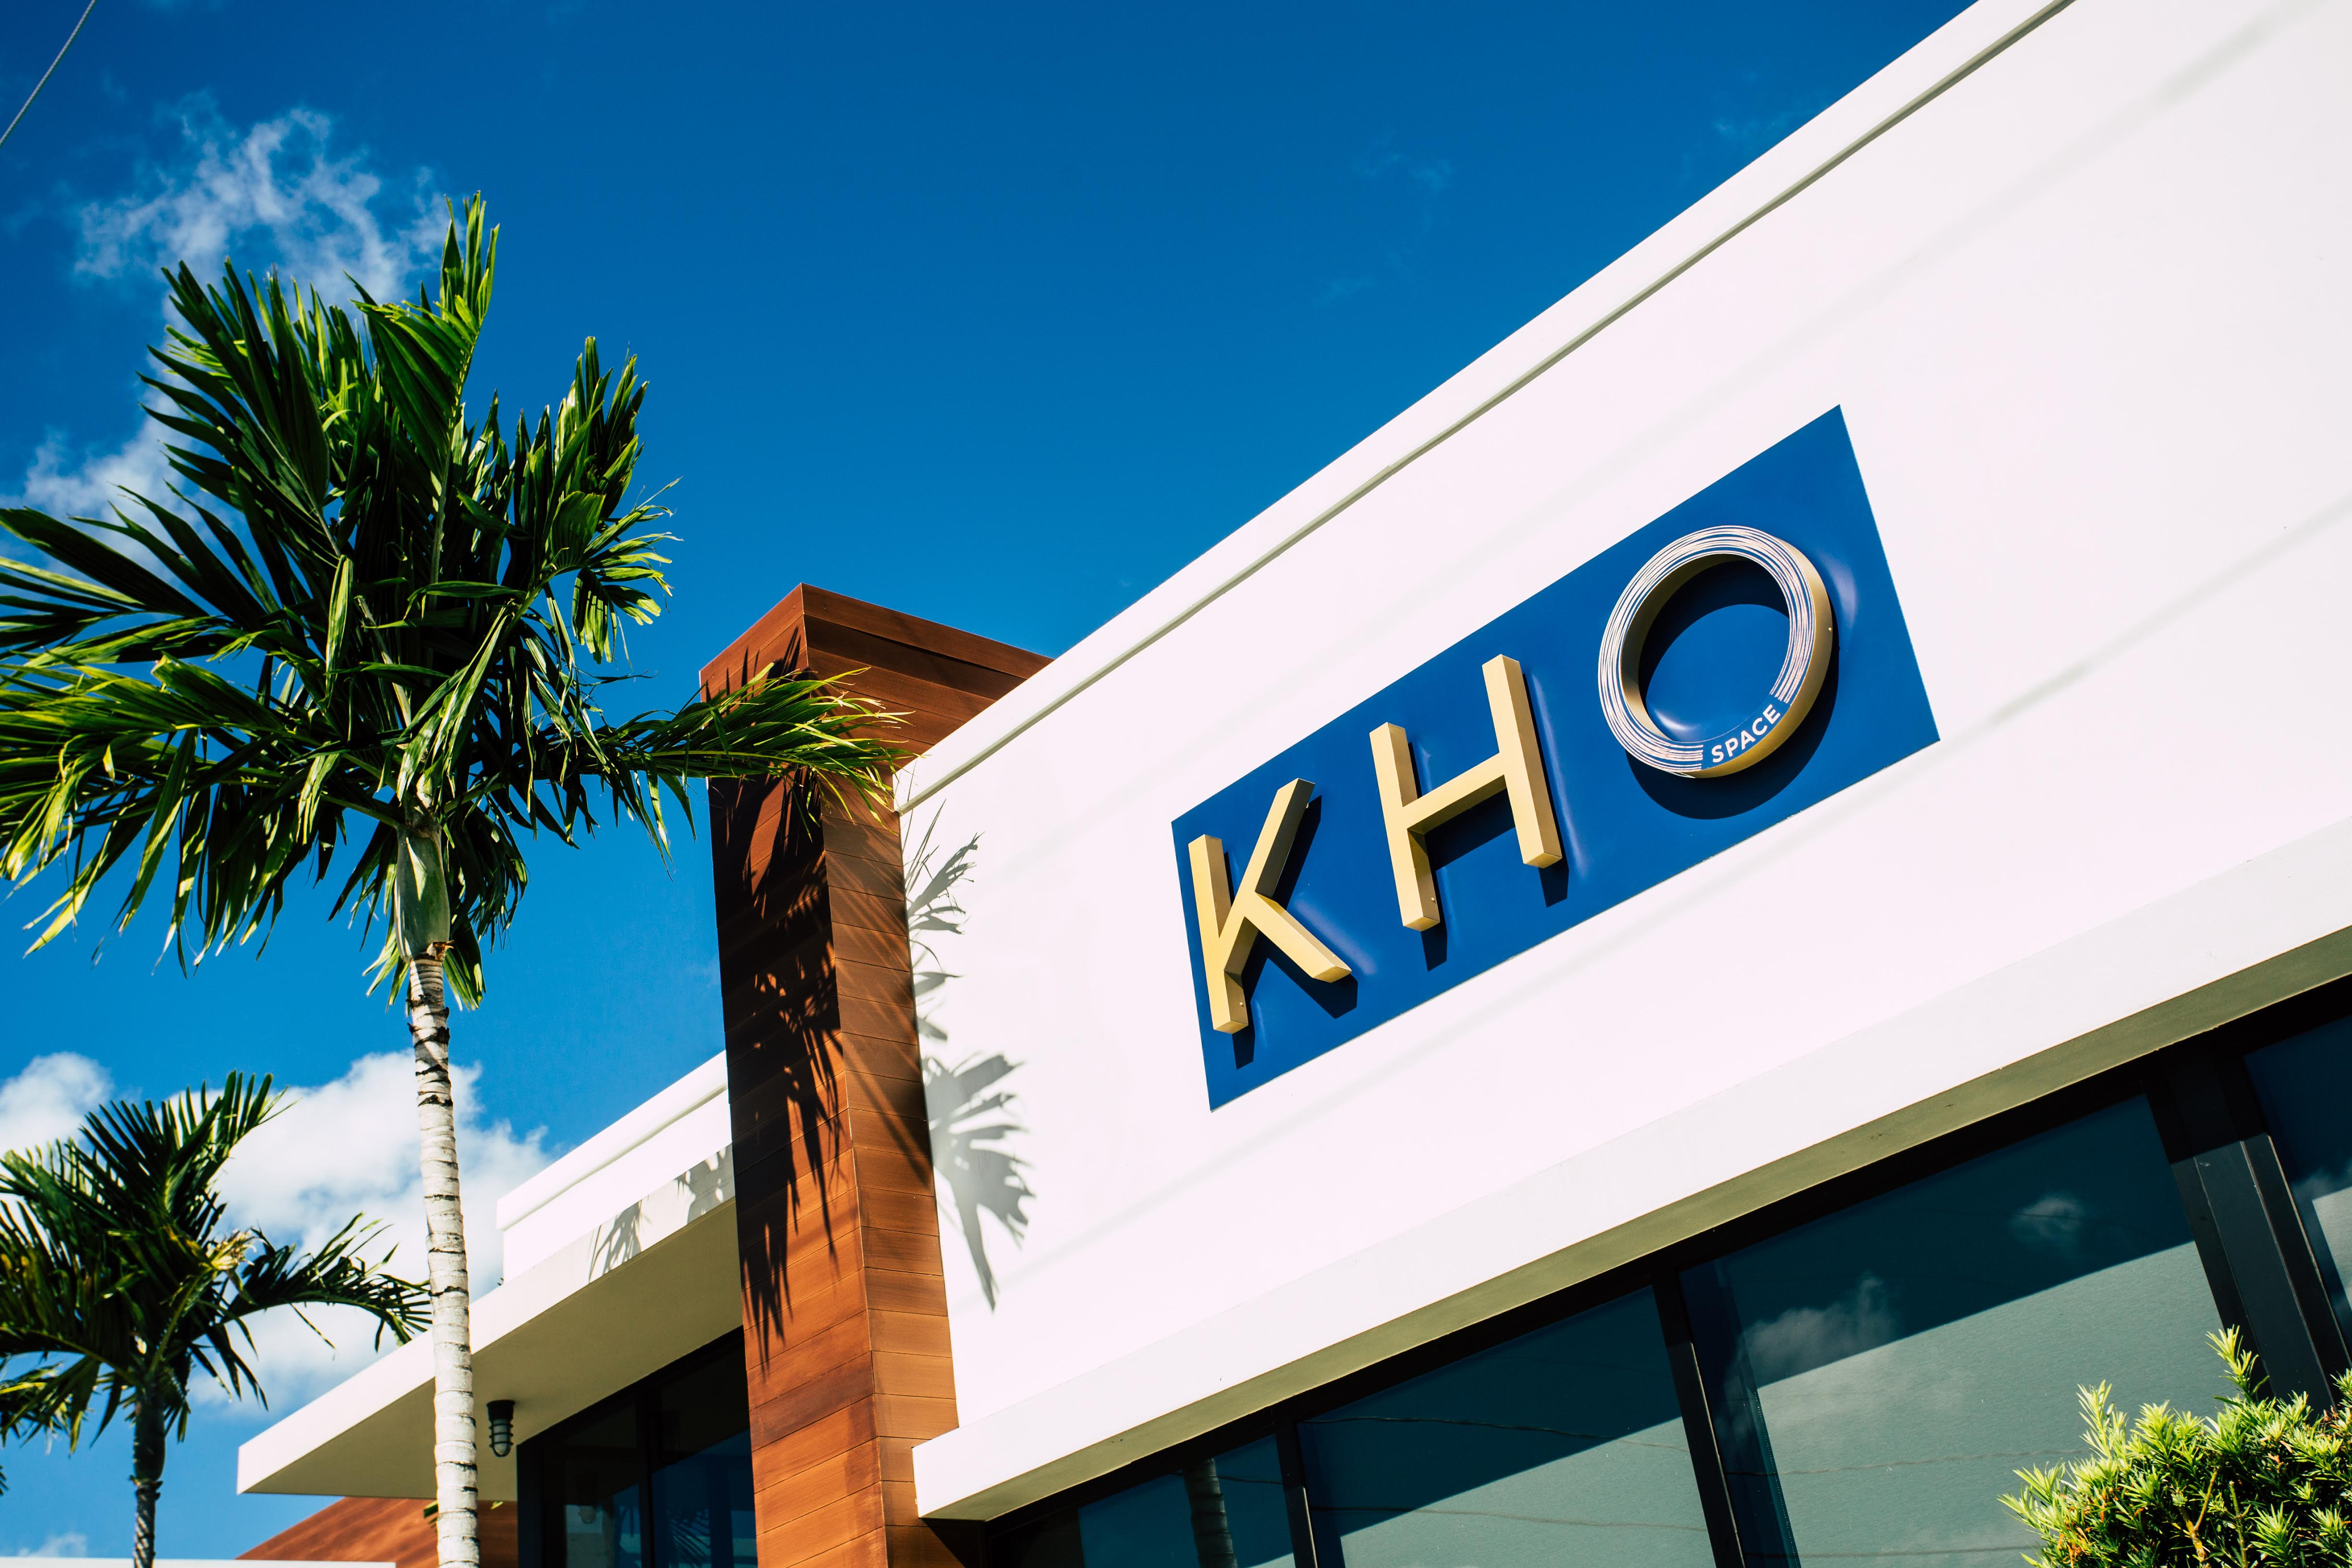 Khospace Exterior.jpg